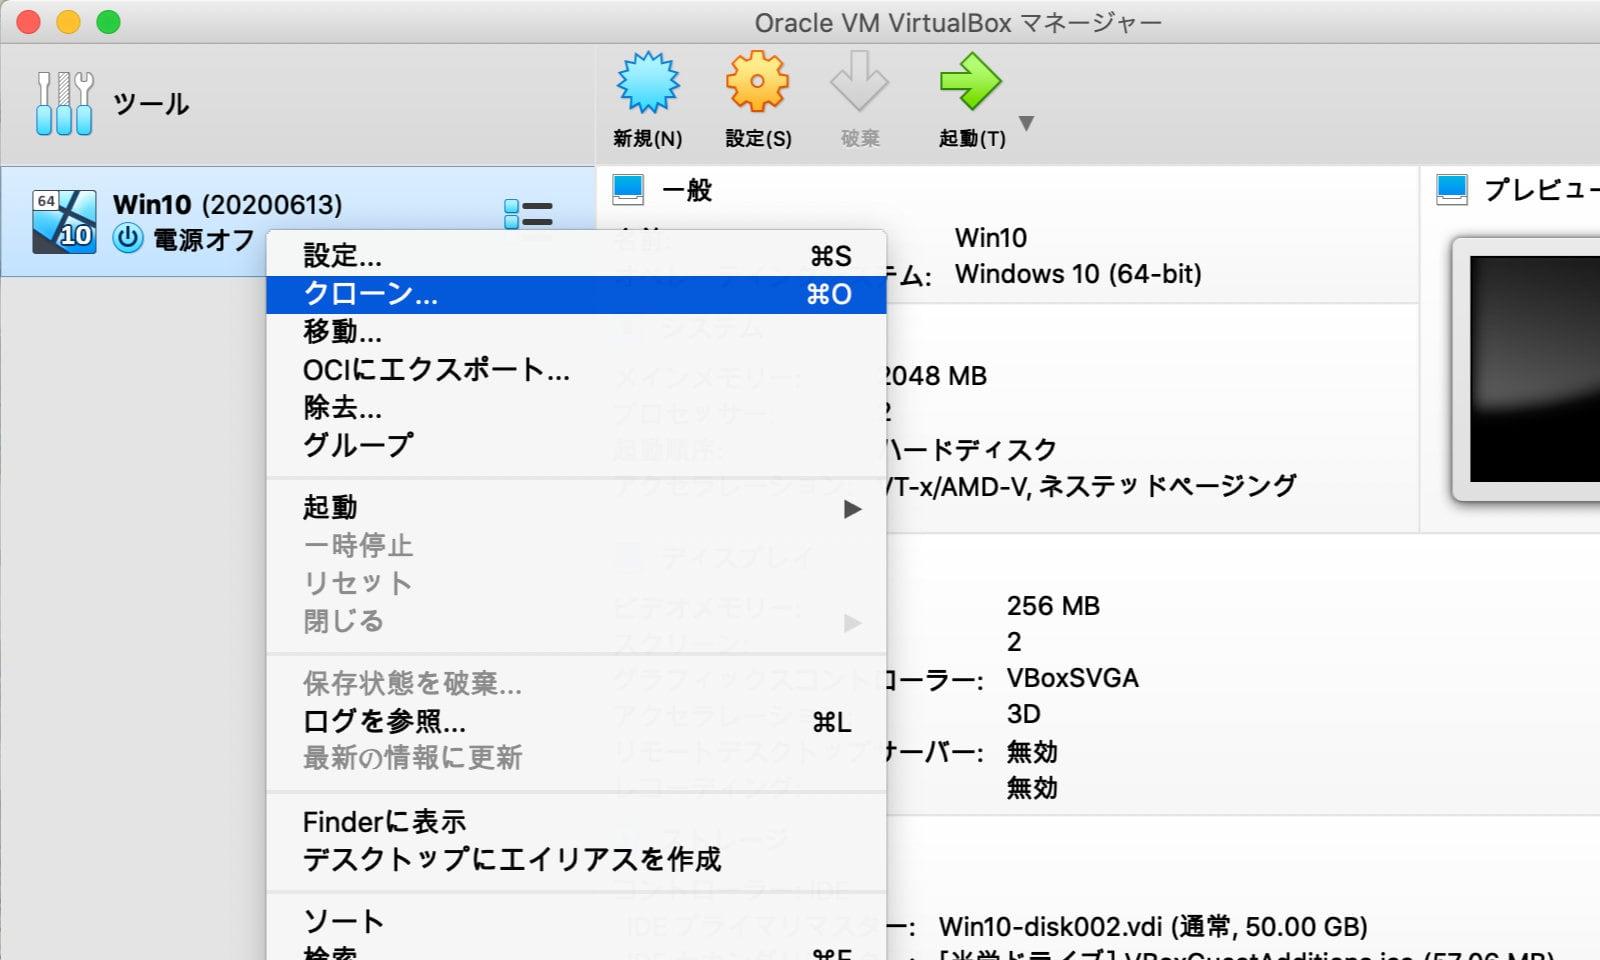 VirtualBoxの仮想マシン一覧からクローンを作成するコンテキストメニューが表示された画面のキャプチャ画像